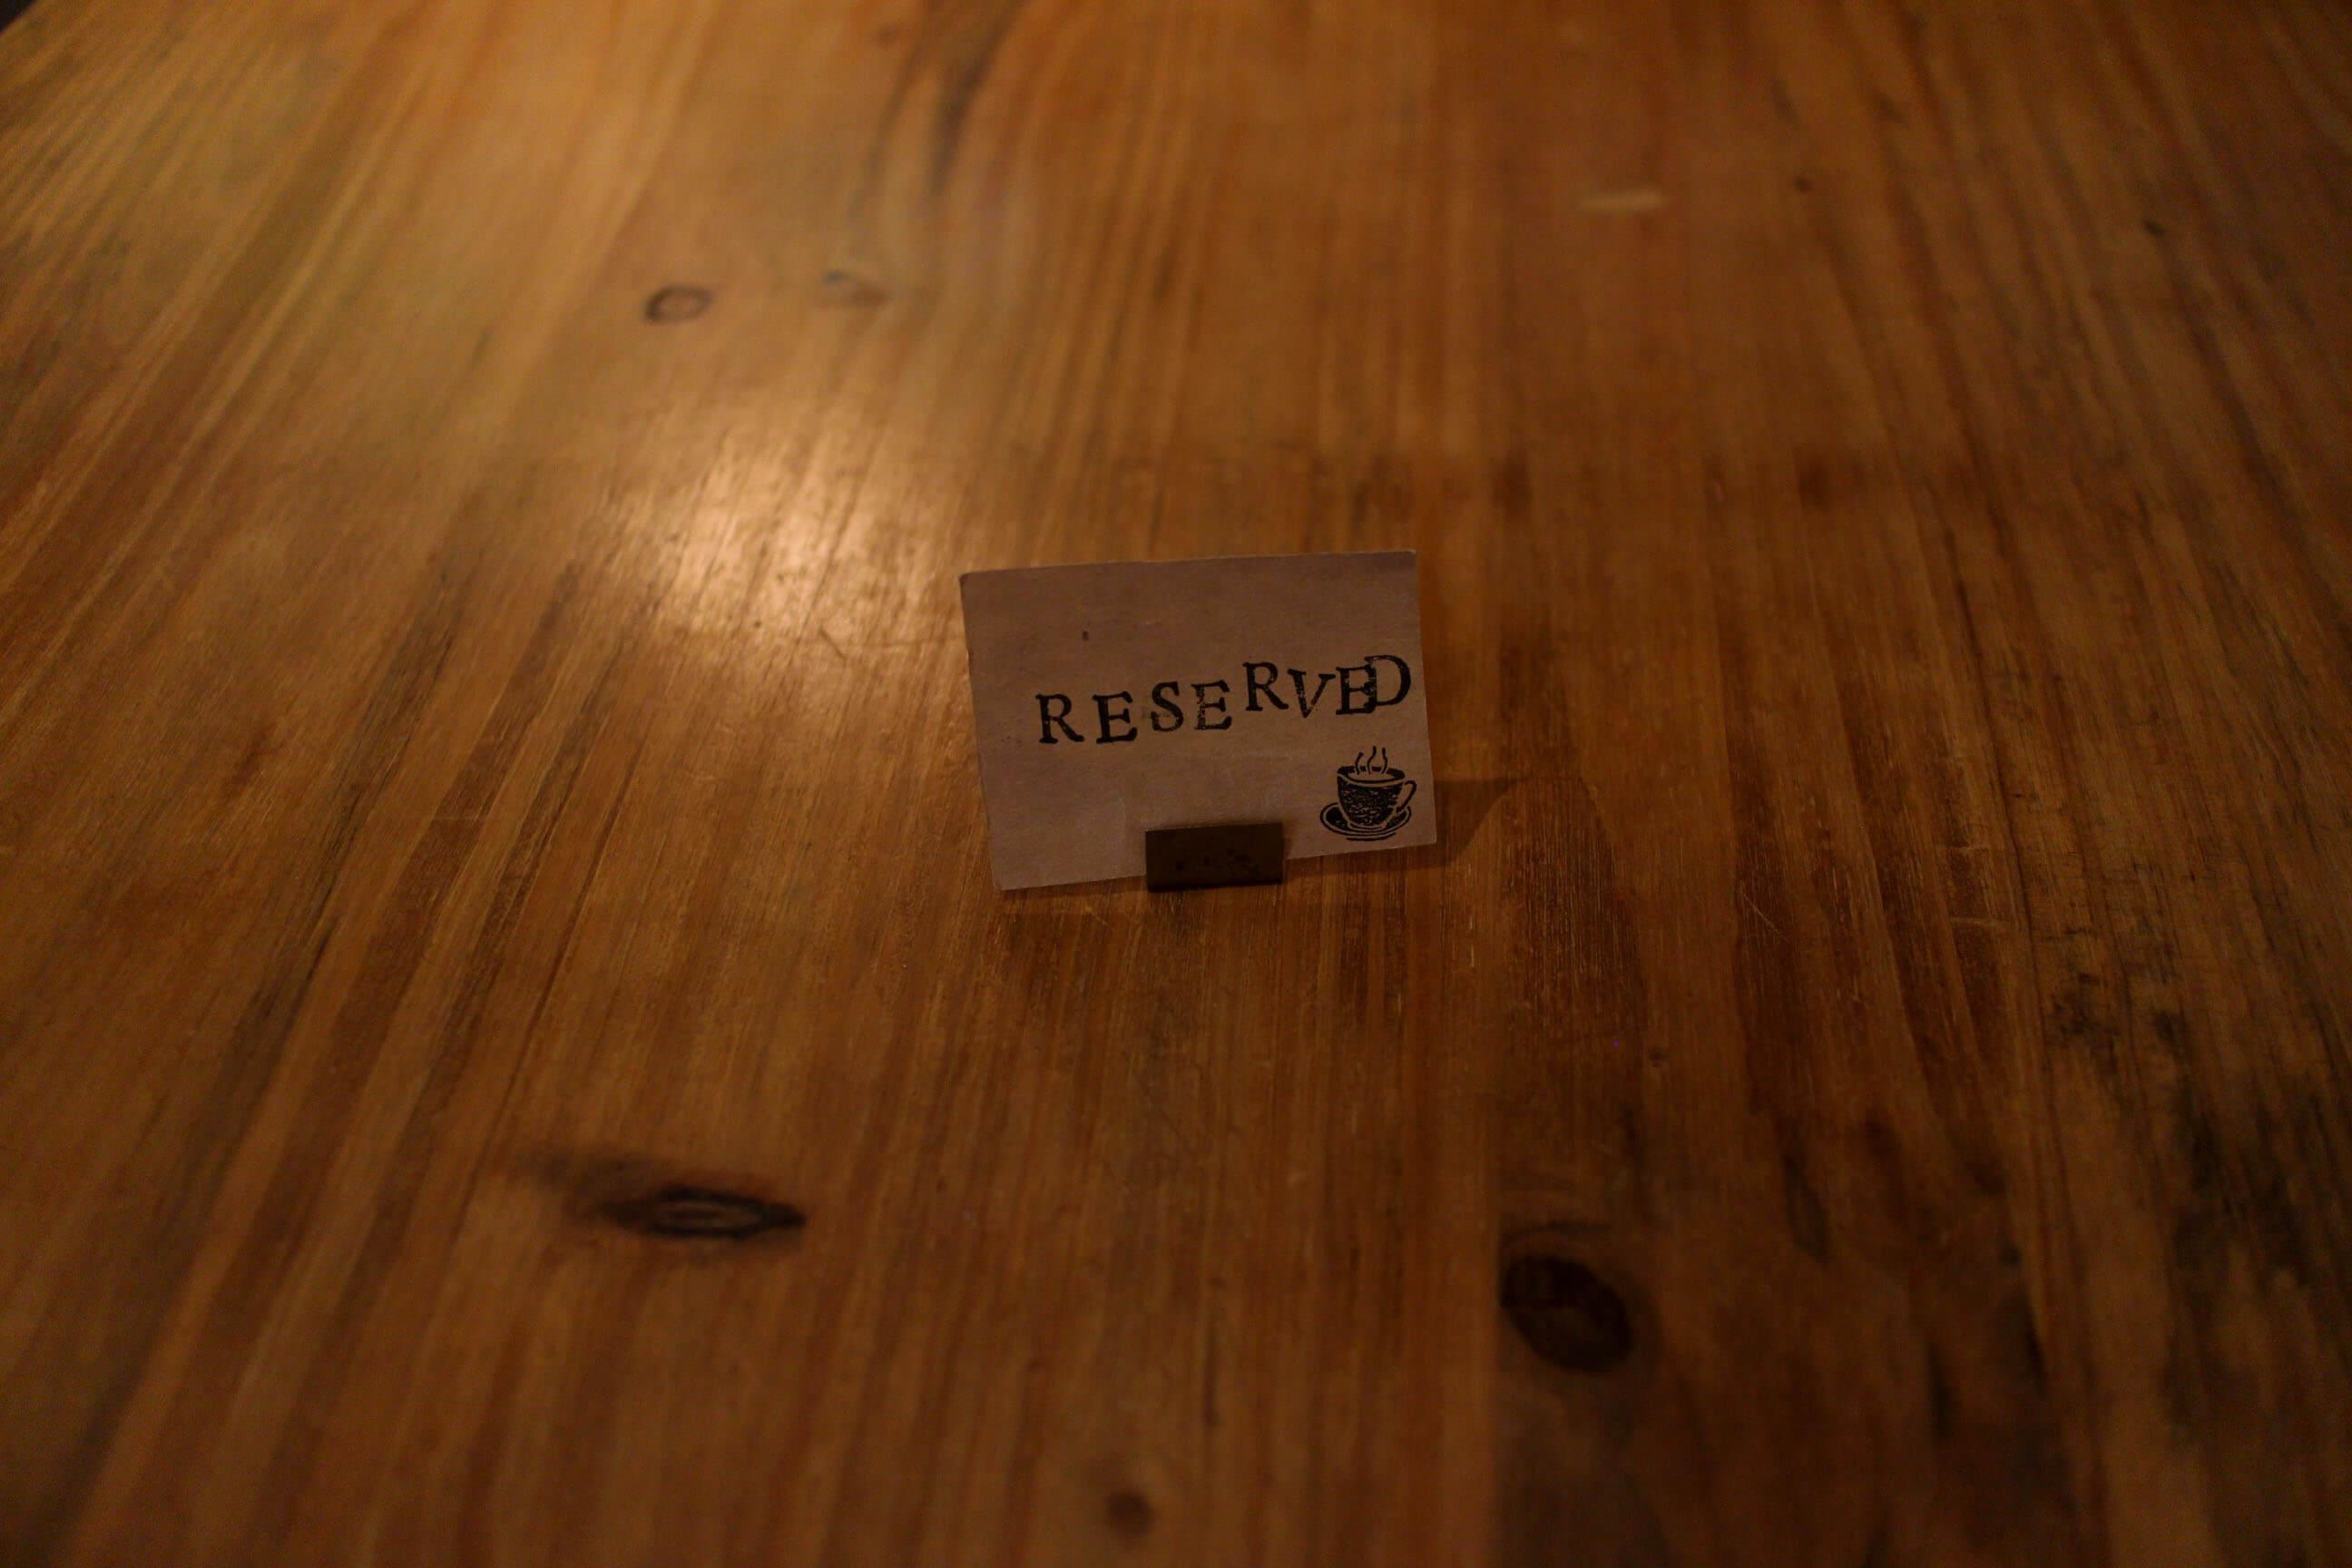 予約札。木のテーブルも素敵